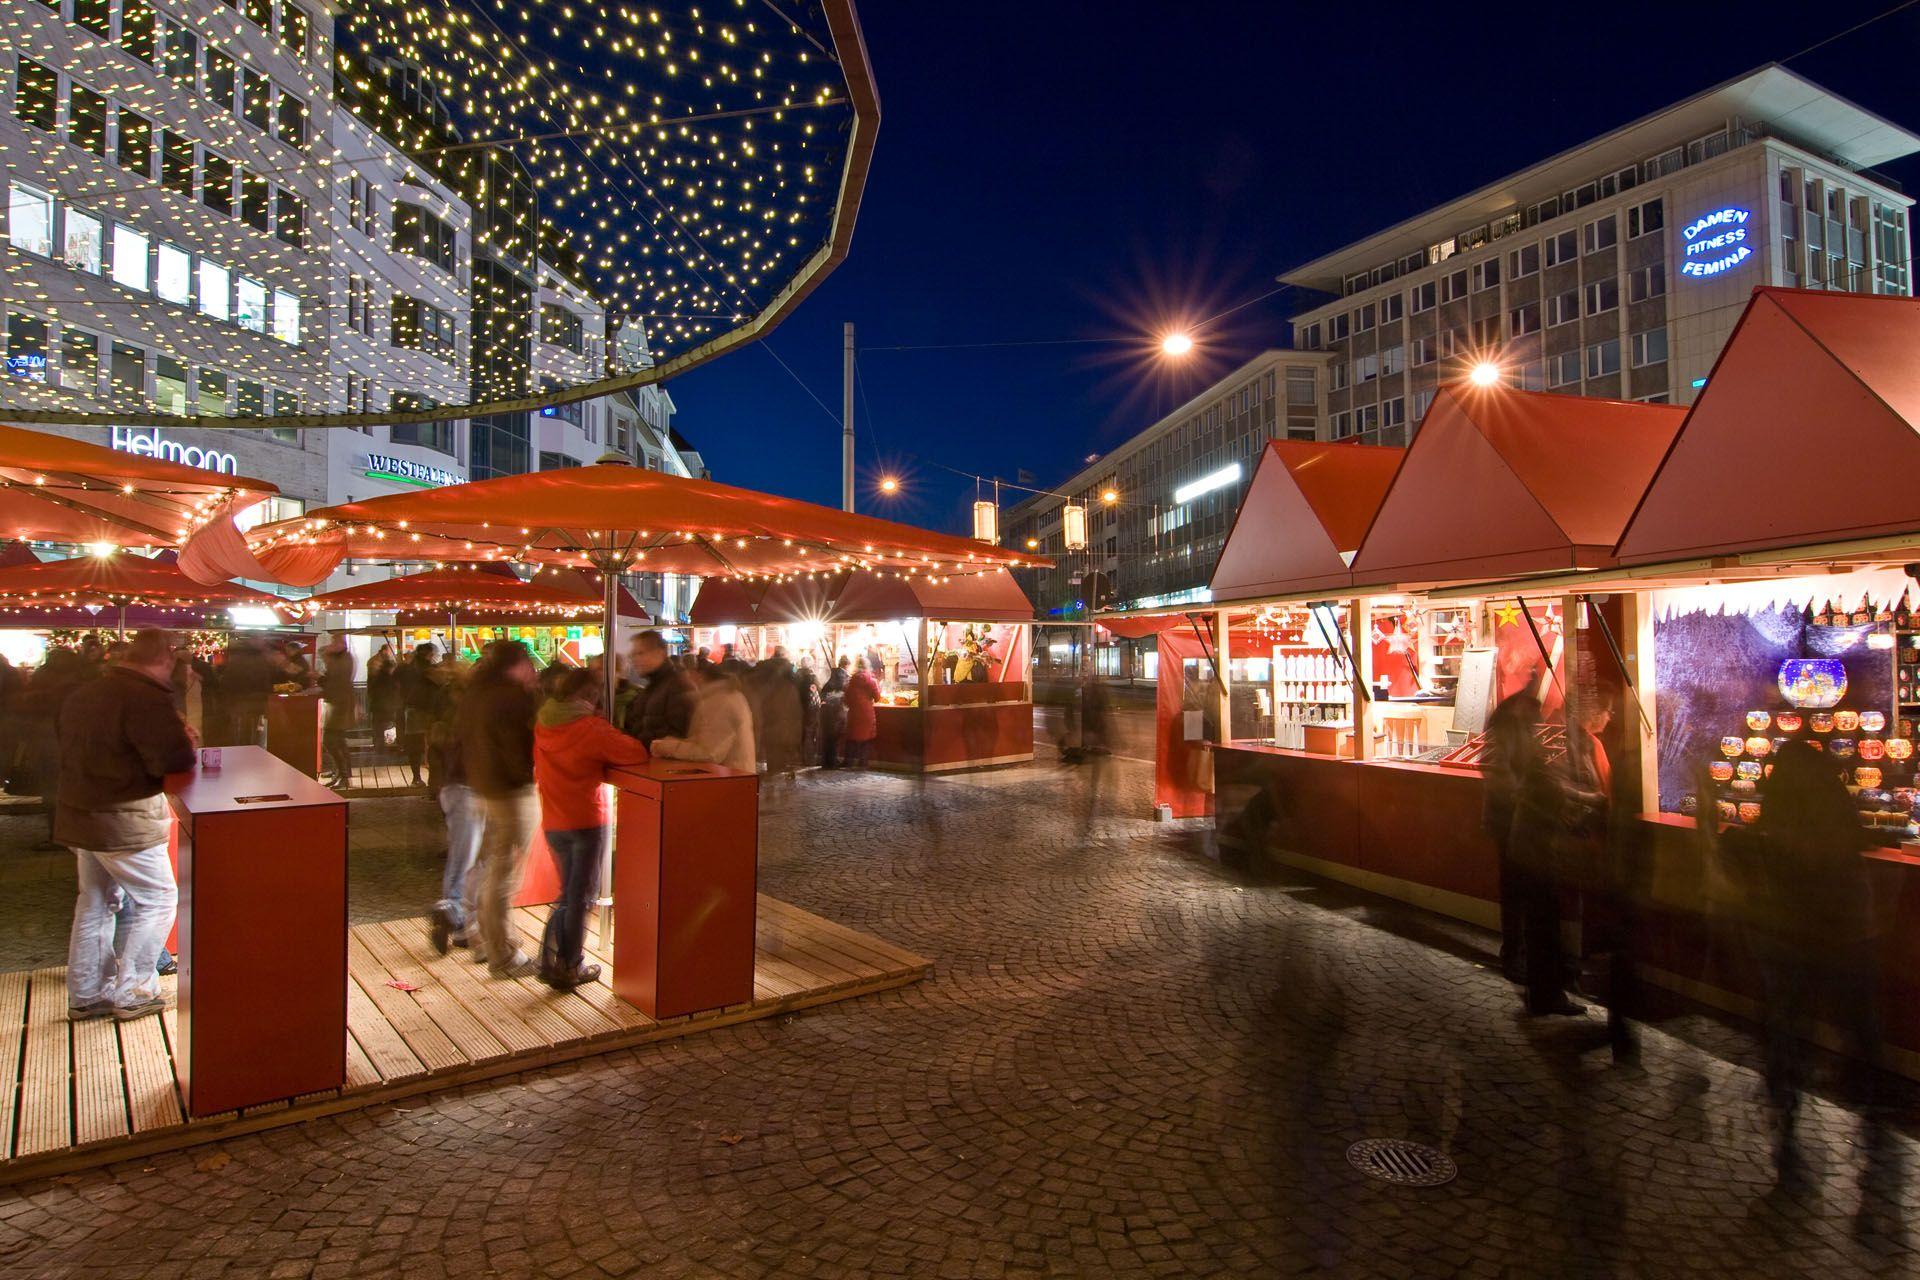 Bielefelder Weihnachtsmarkt.Weihnachtsmarkt Jahnplatz Weihnachtsmarkt Markt Und Bielefeld